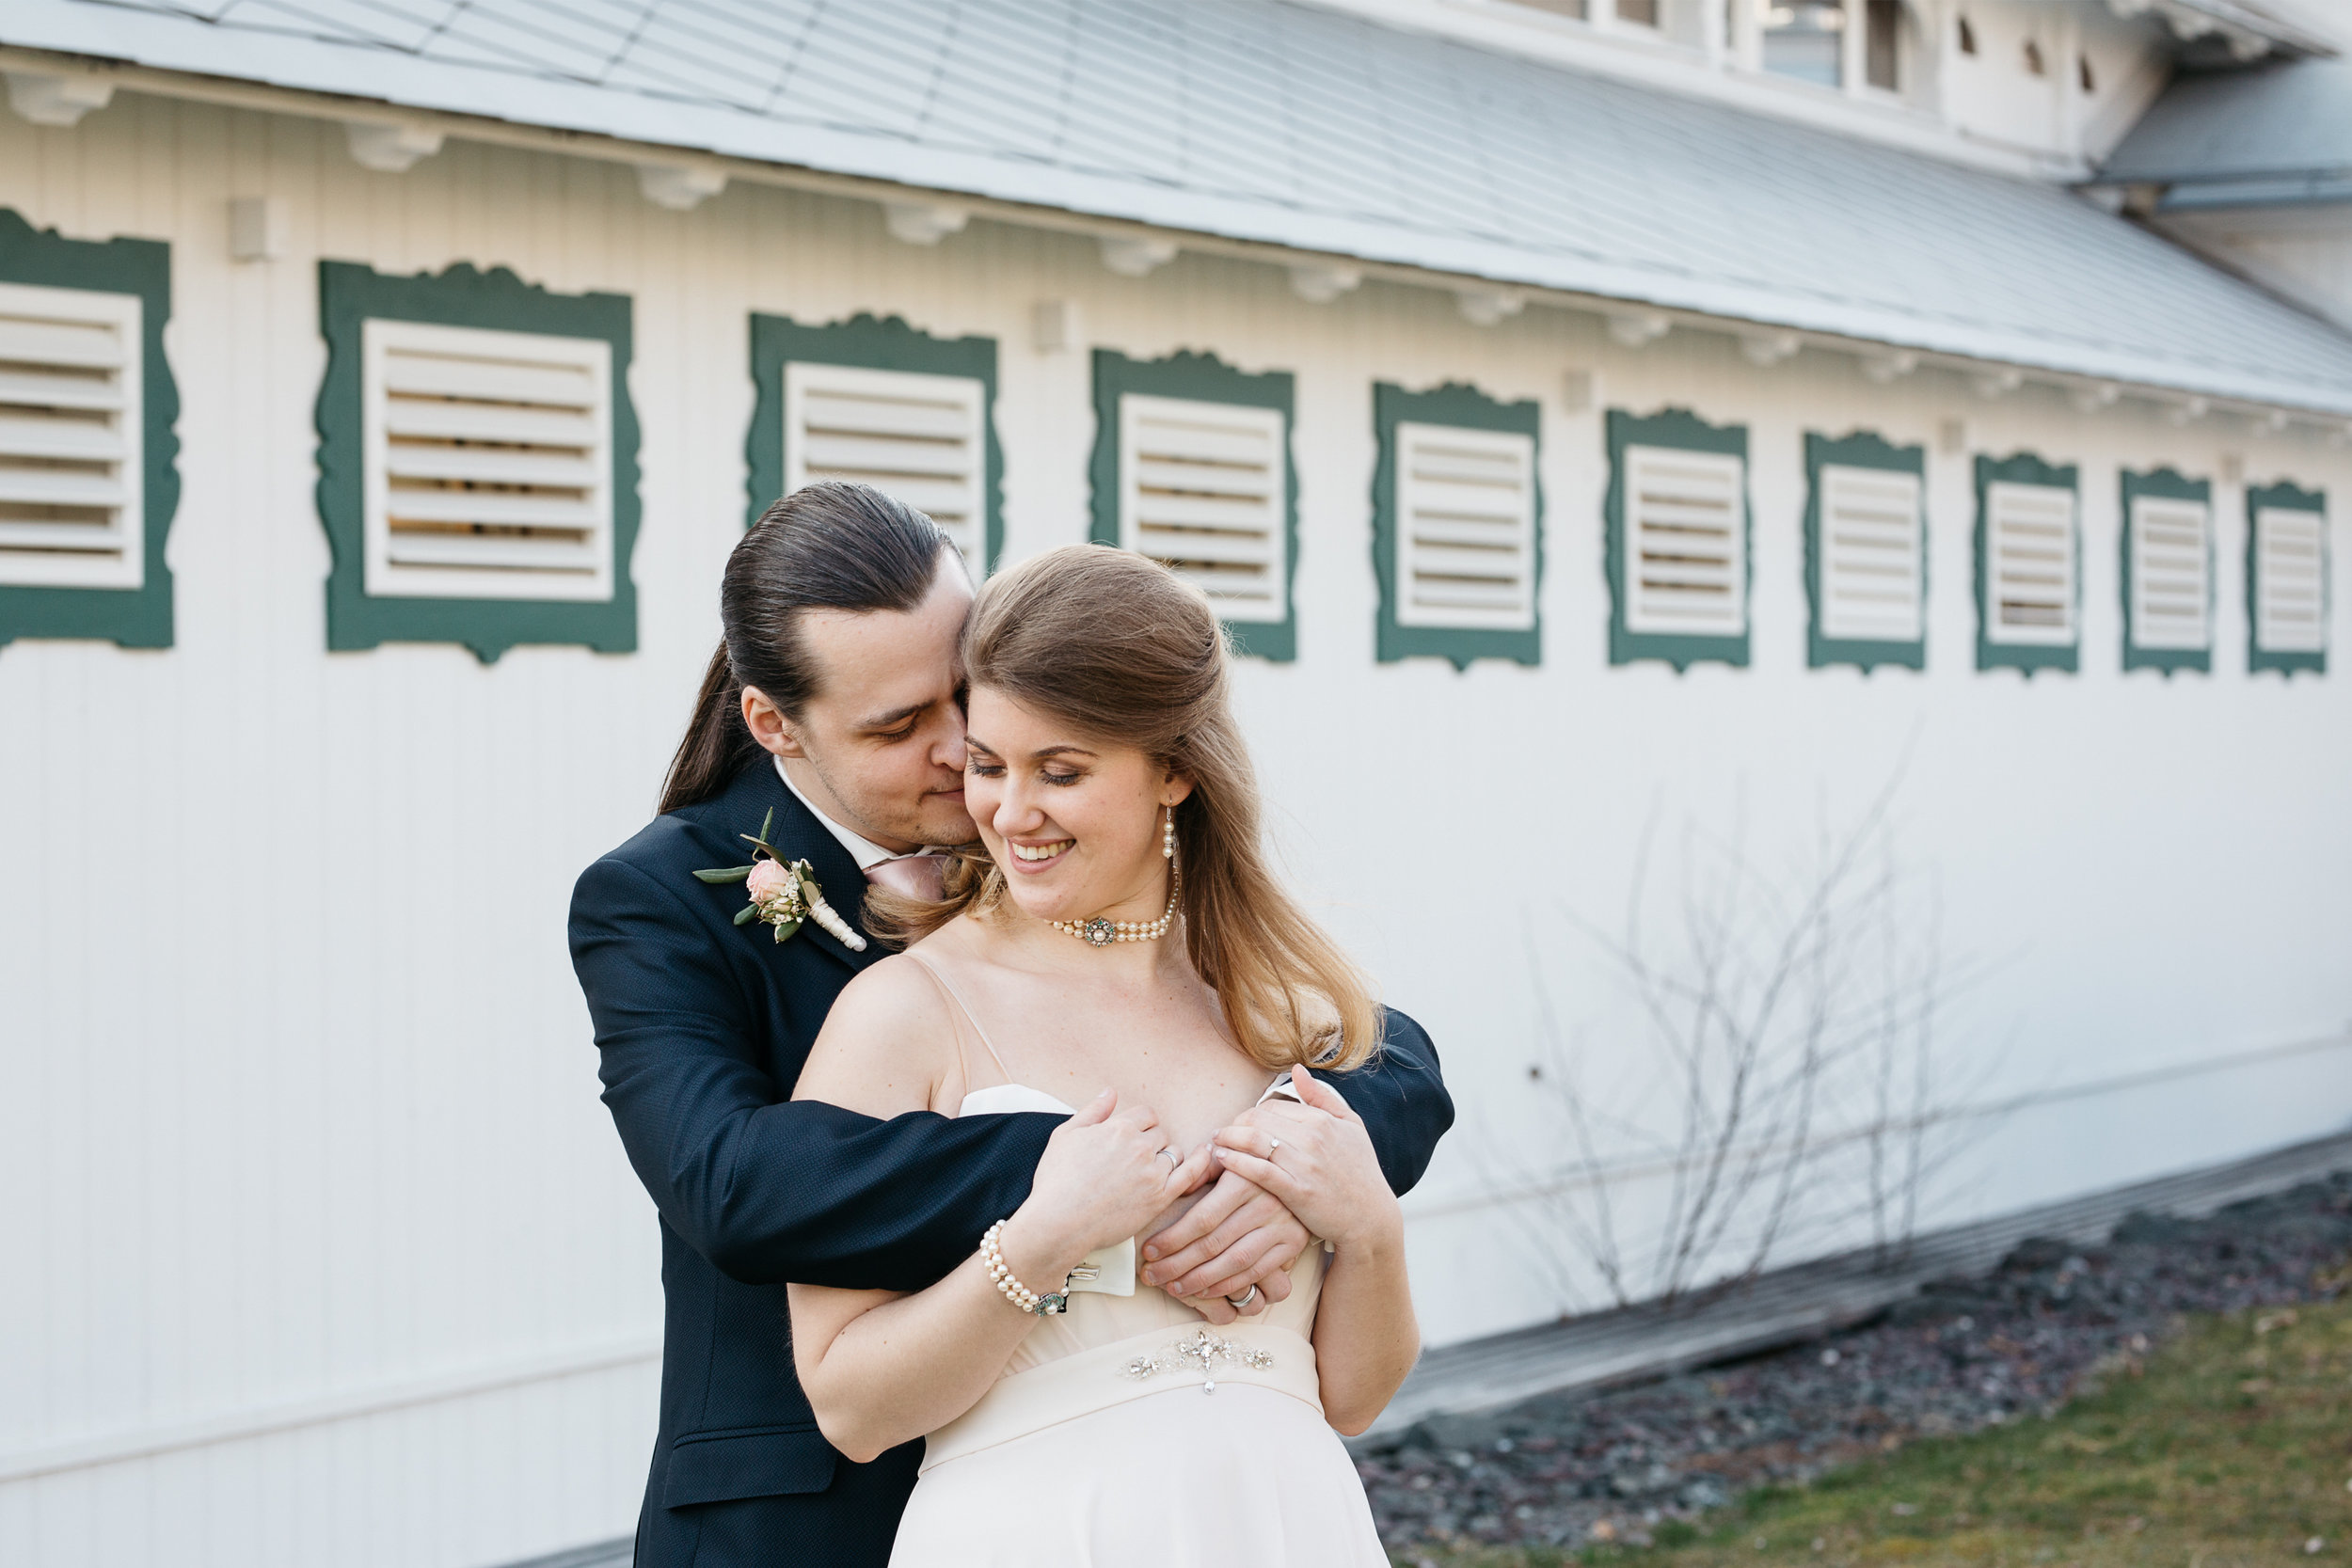 spring_lake_wedding_in_white_rose-20.jpg